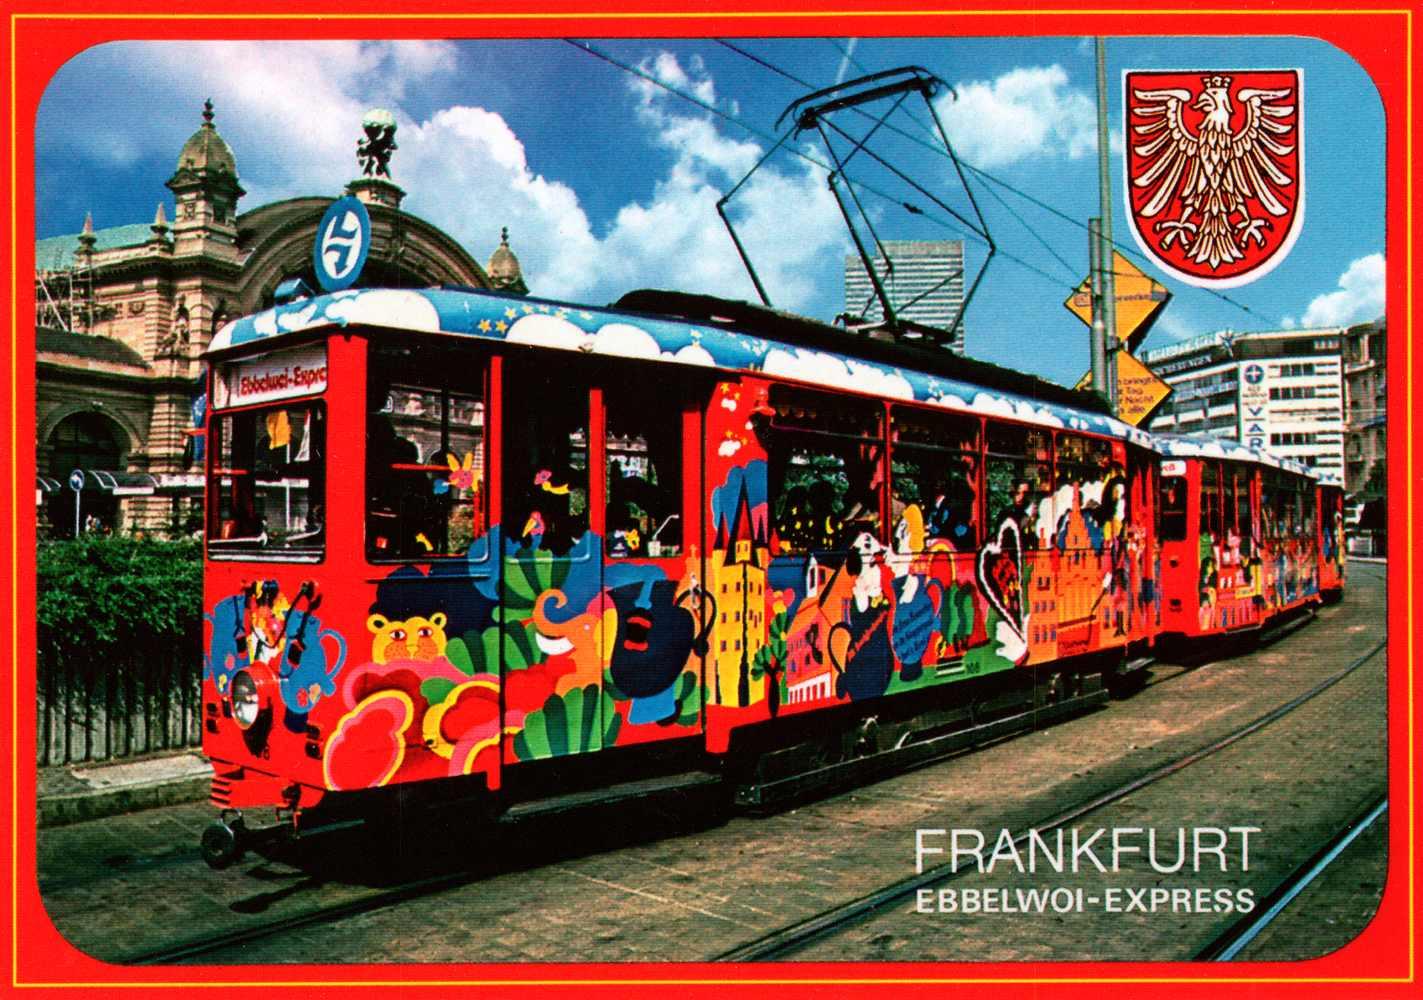 Äppelwoi Express Frankfurt